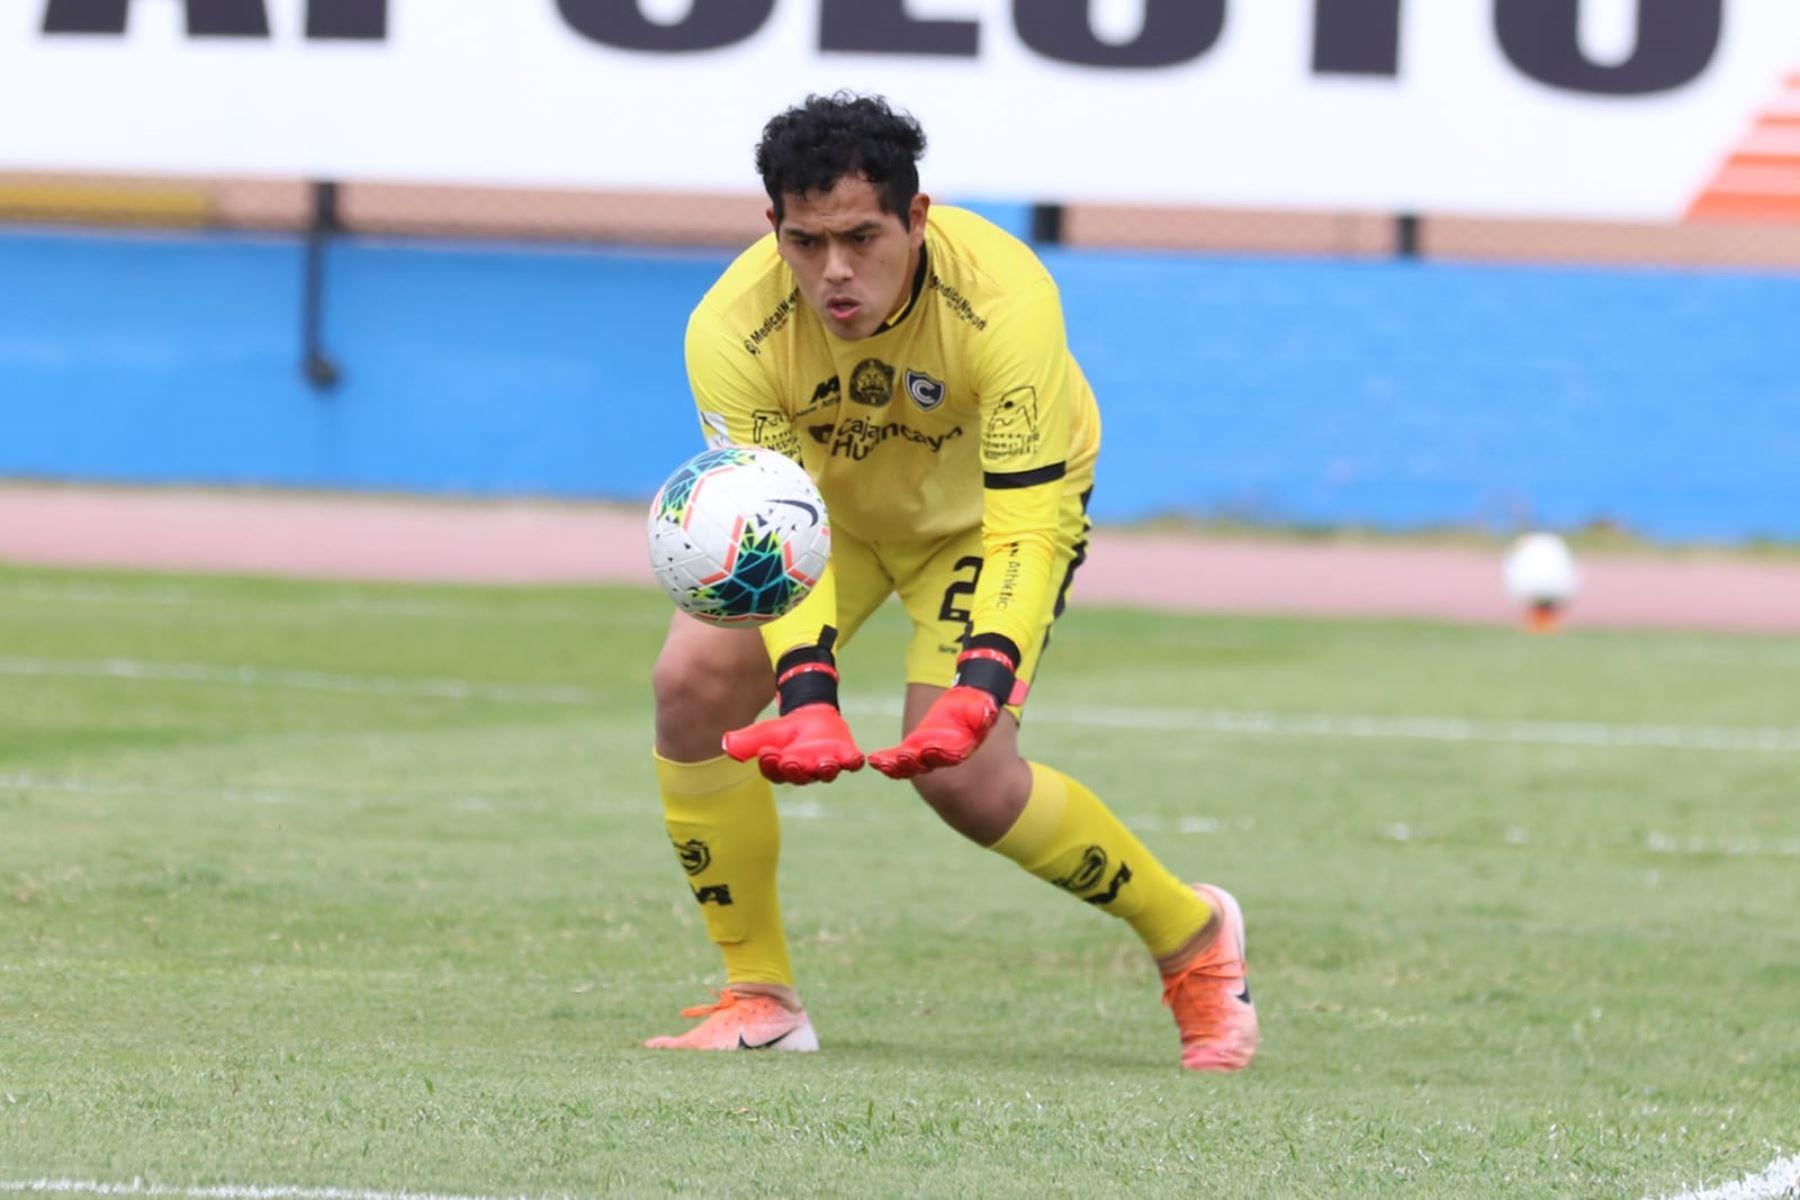 El portero J. Barbieri del Cienciano atrapa el balón durante partido frente a Sport Huancayo por la jornada 15 de la Liga 1, en el estadio Miguel Grau del Callao. Foto: @LigaFutProf